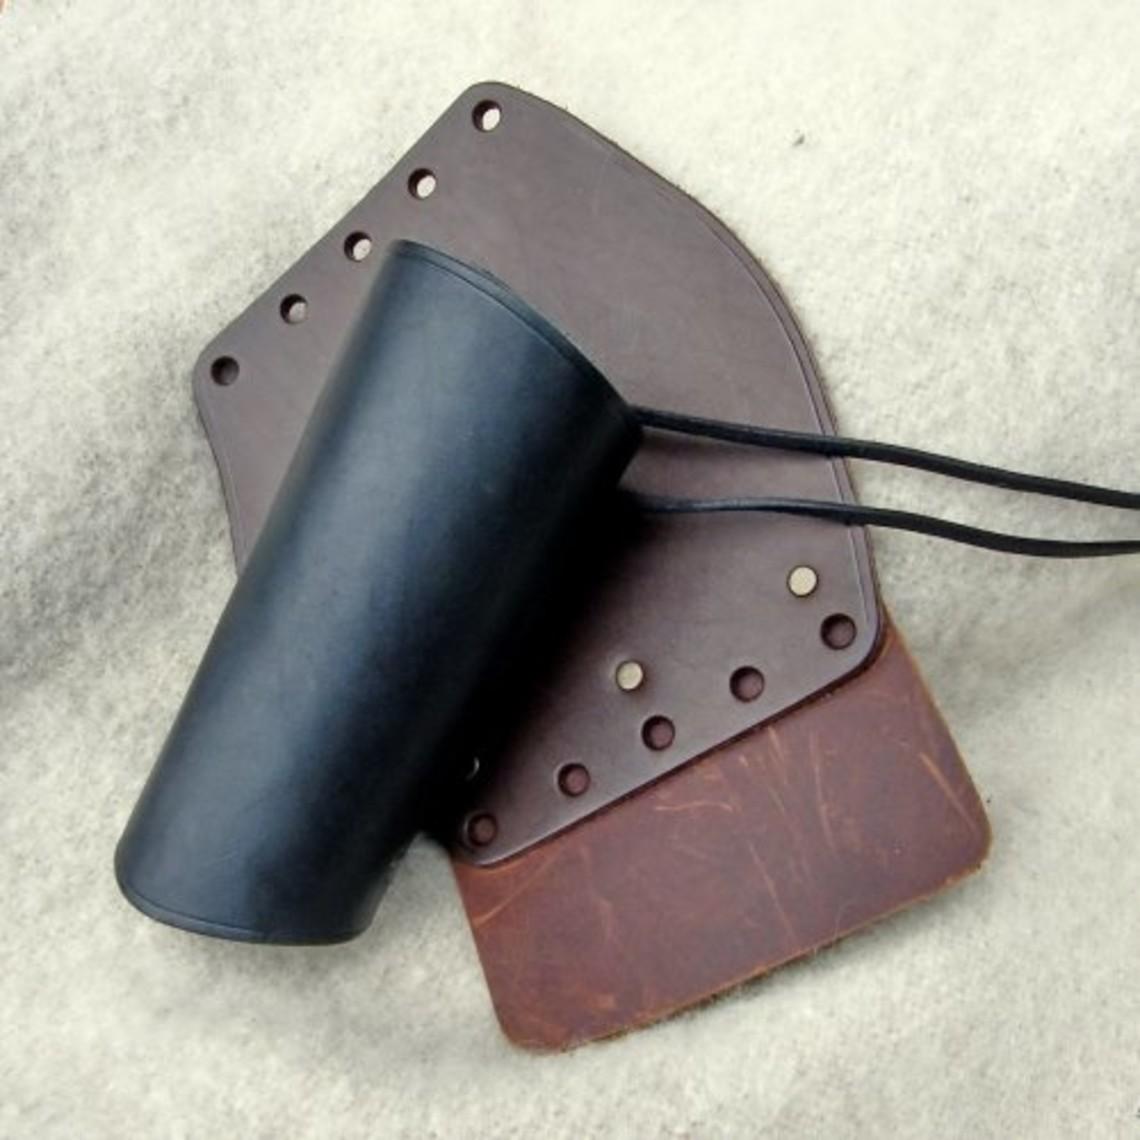 vambrace cuero de 16 cm, marrón